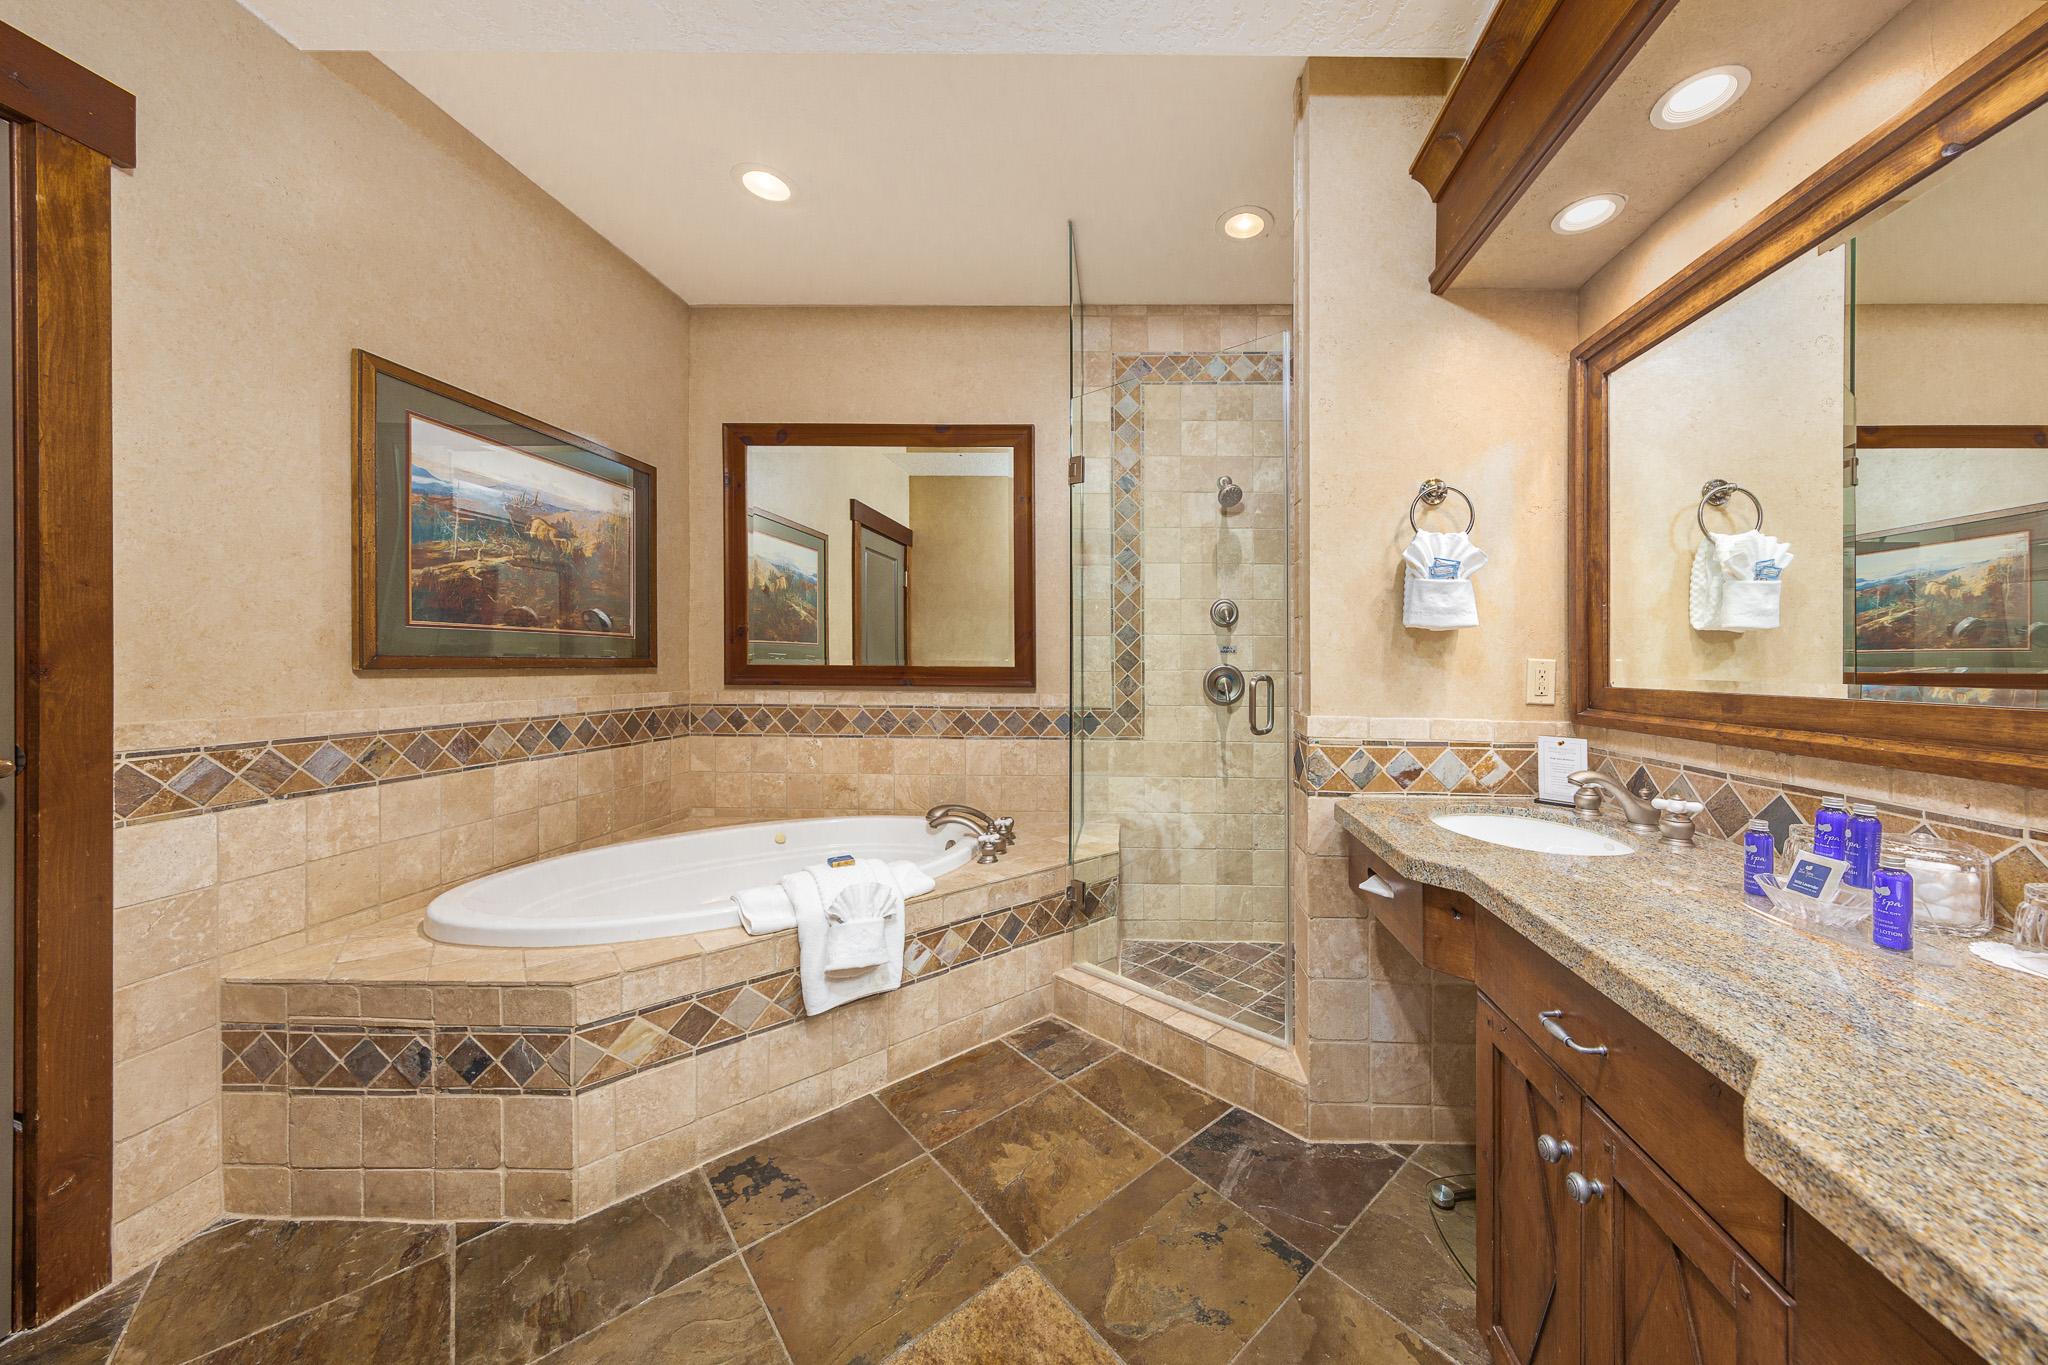 AK_SLCAK_bathroom1